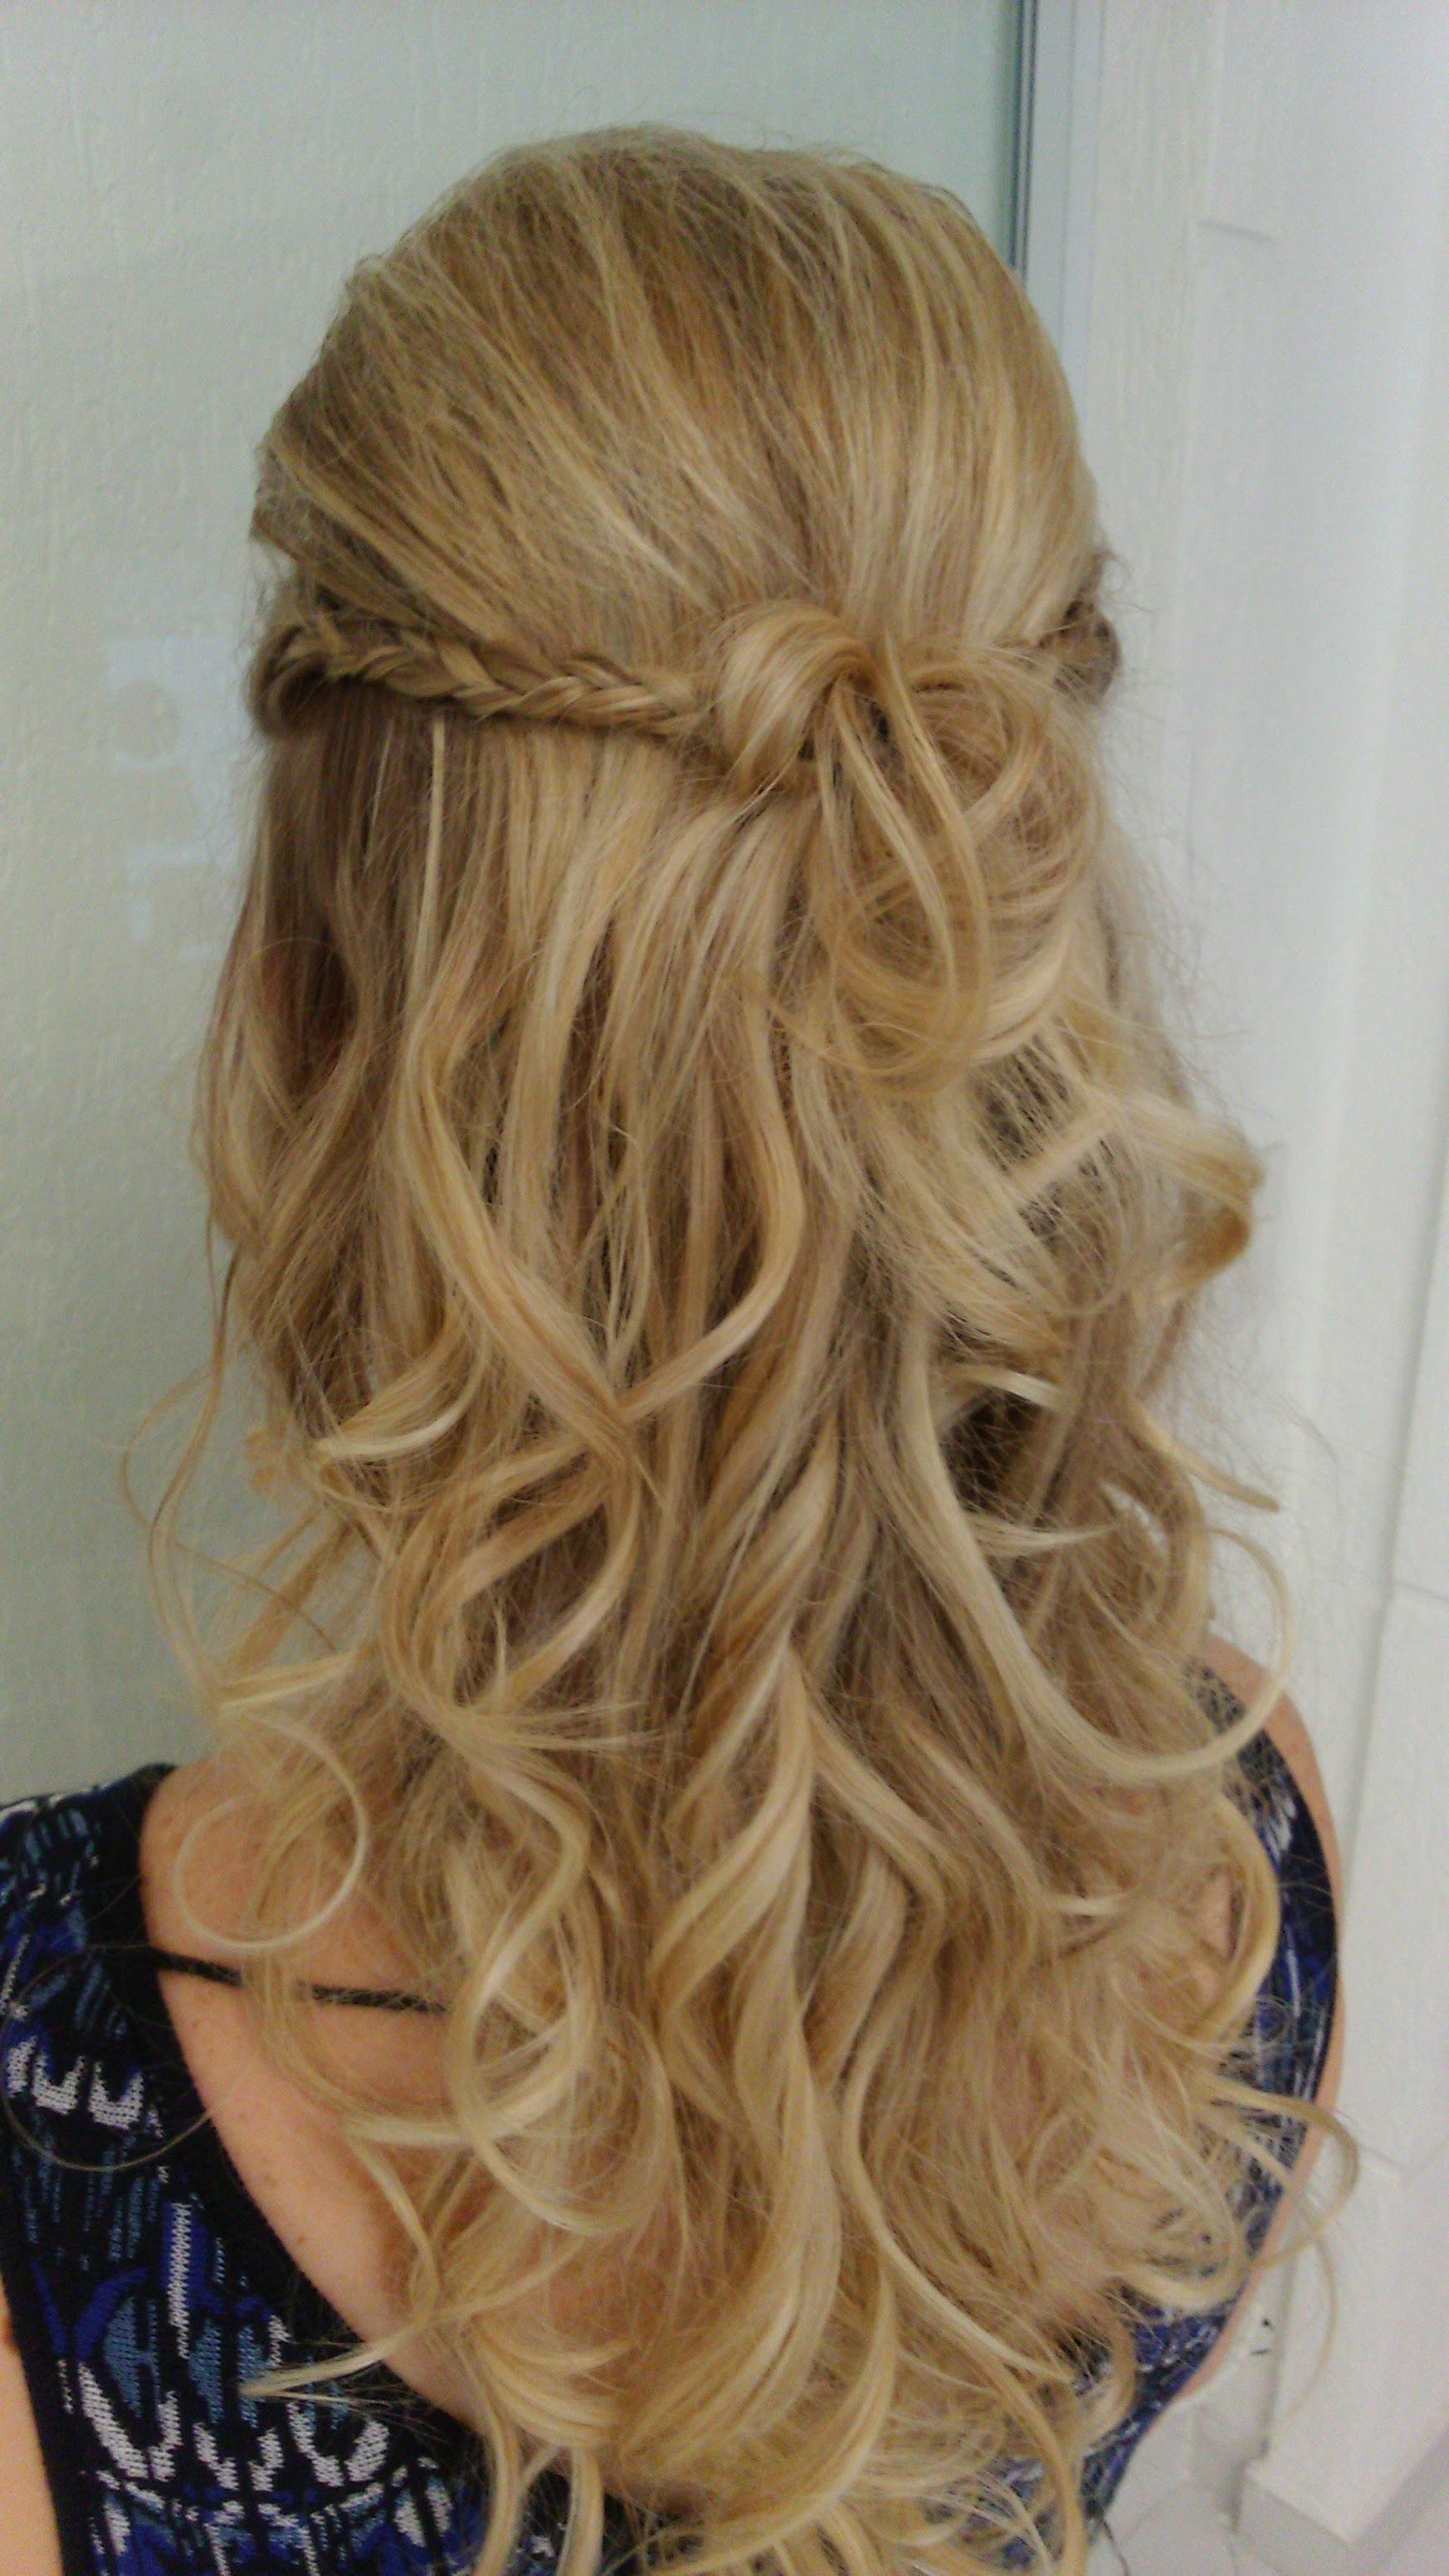 @loiros @penteados @cabelosnaturais @cabelosincriveis  cabelo cabeleireiro(a)